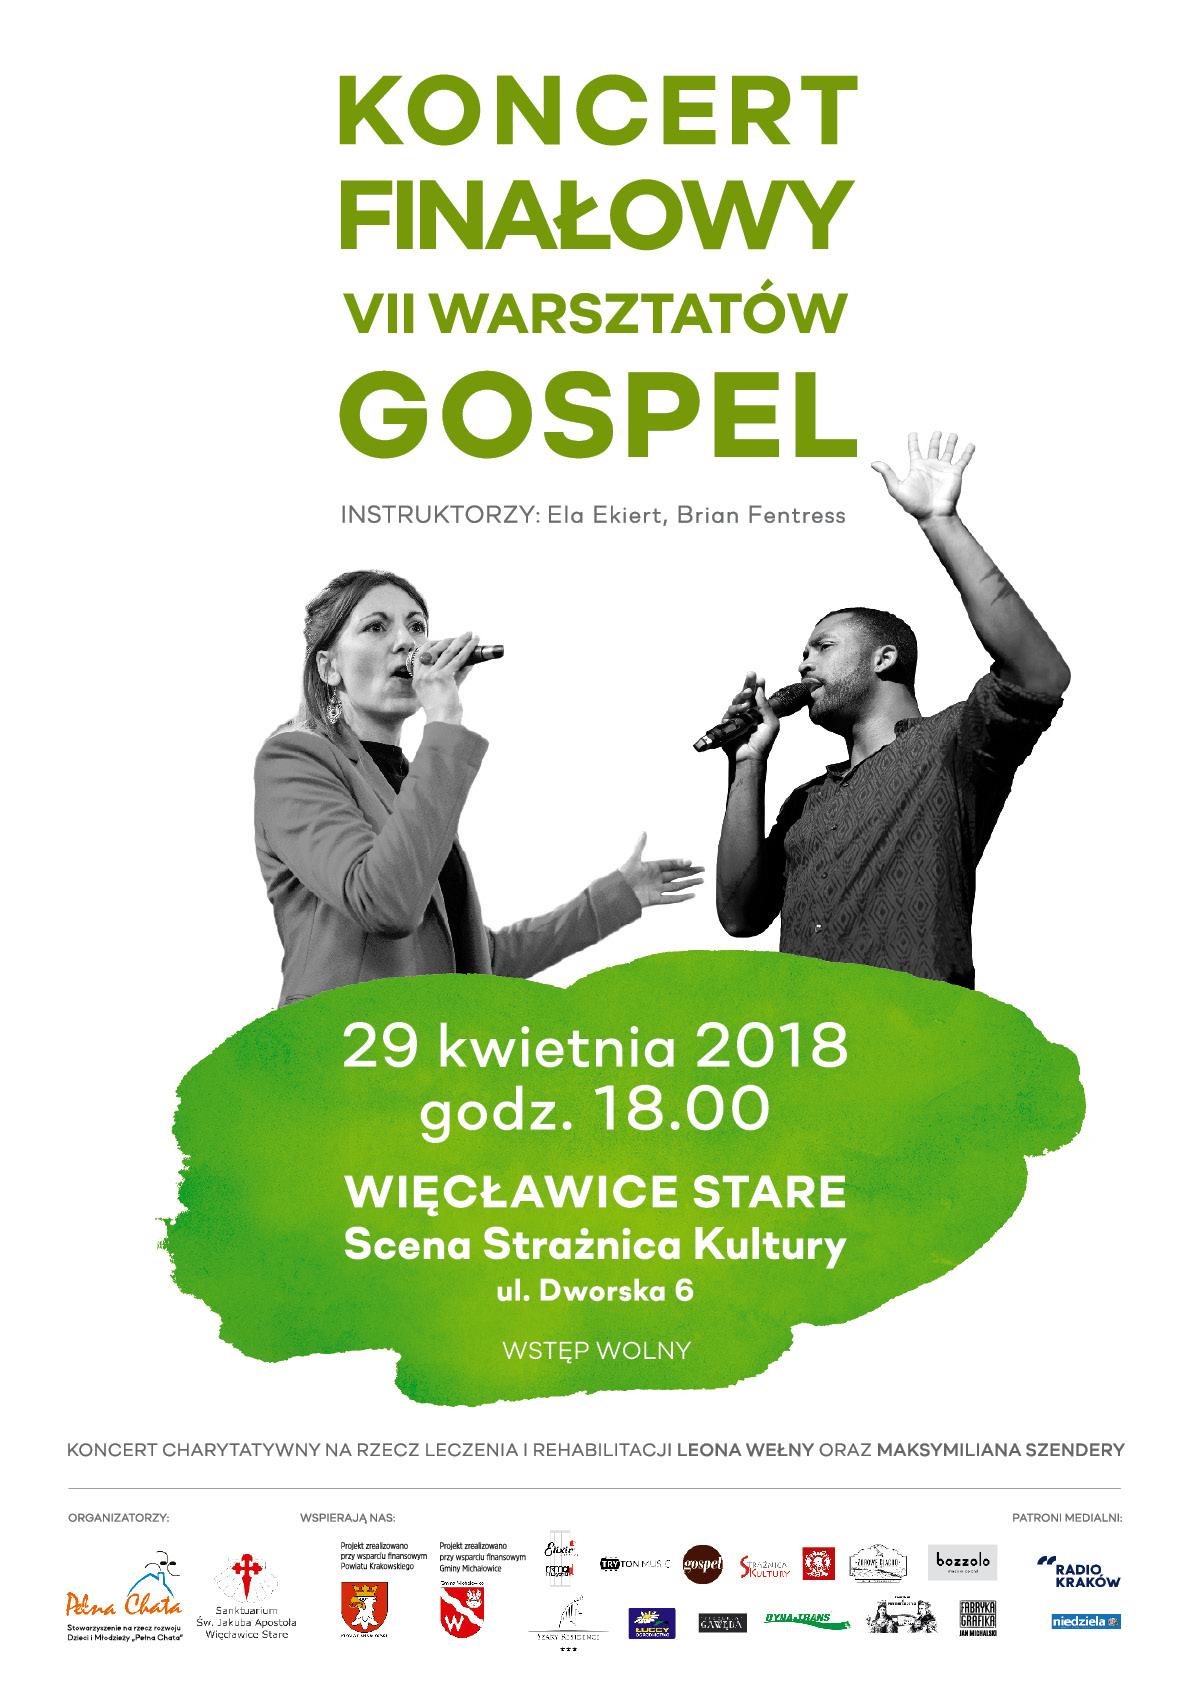 Koncert Finałowy VII Warsztatów Gospel @ Więcławice Stare | małopolskie | Polska